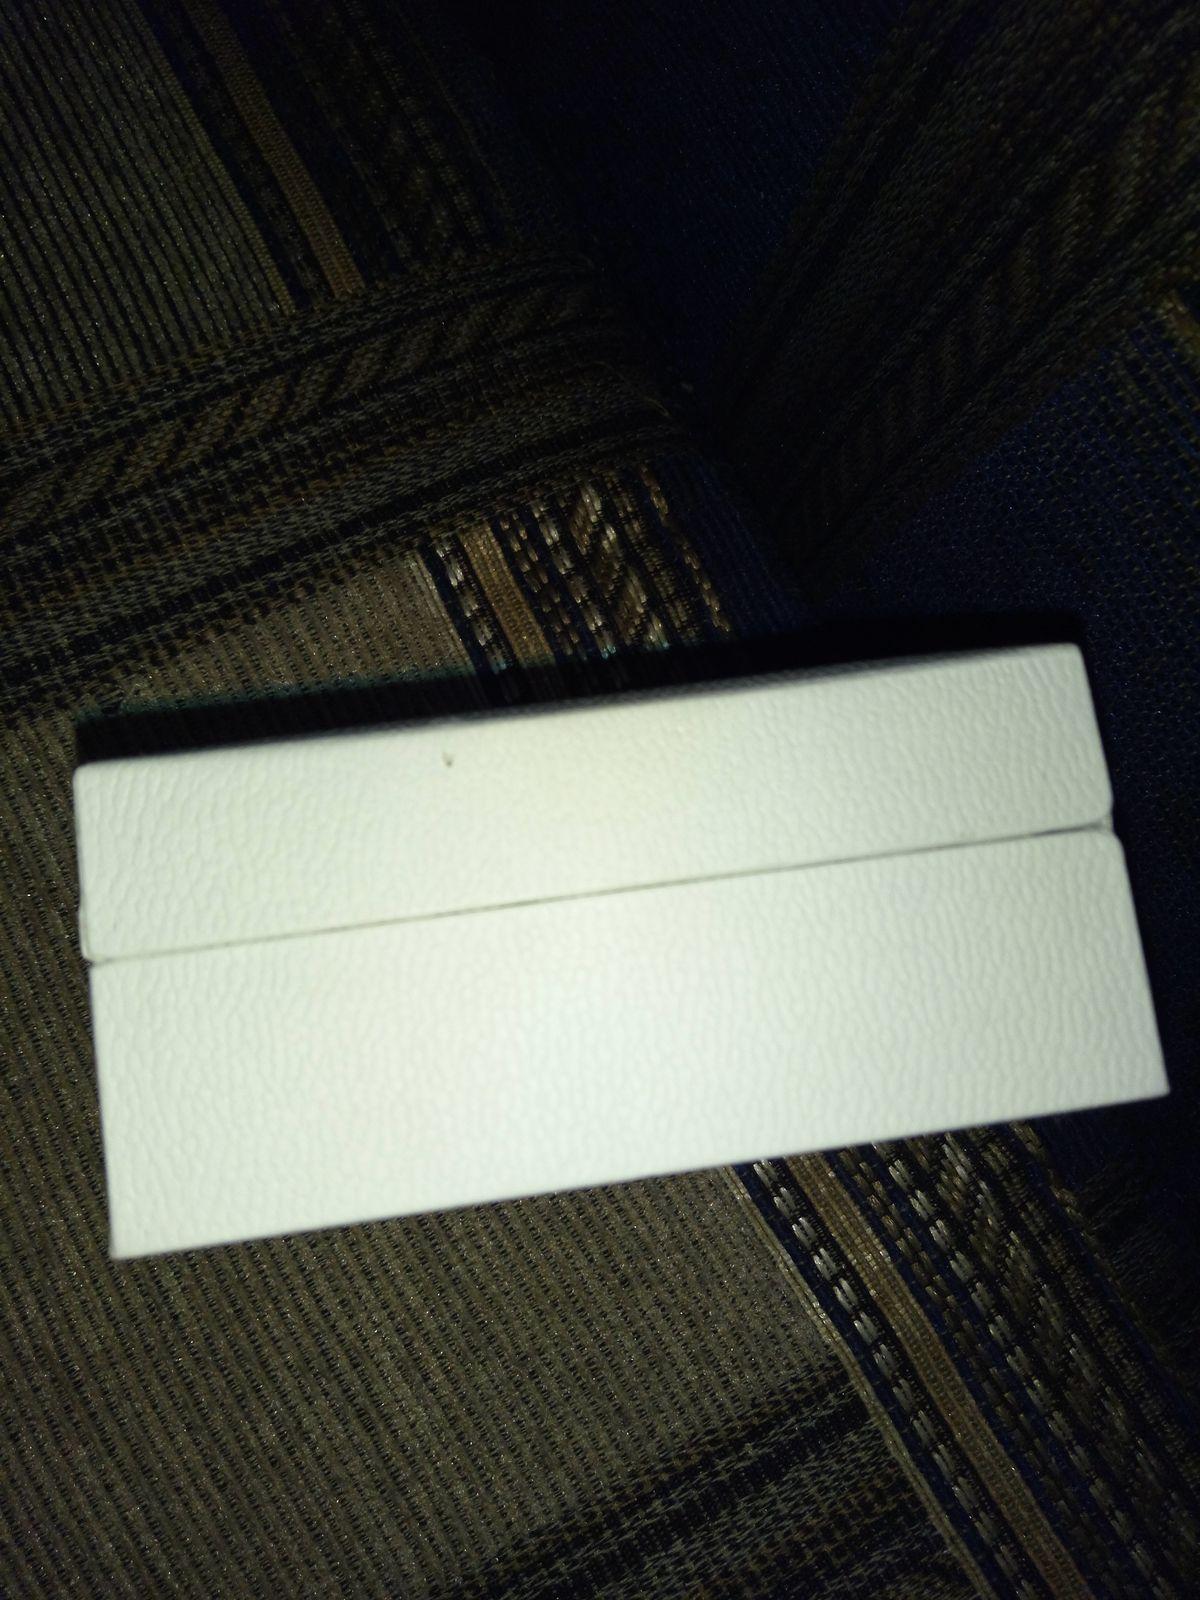 Коробка для цепи от Sunlight.Очень удобная,не стоит его украшать.